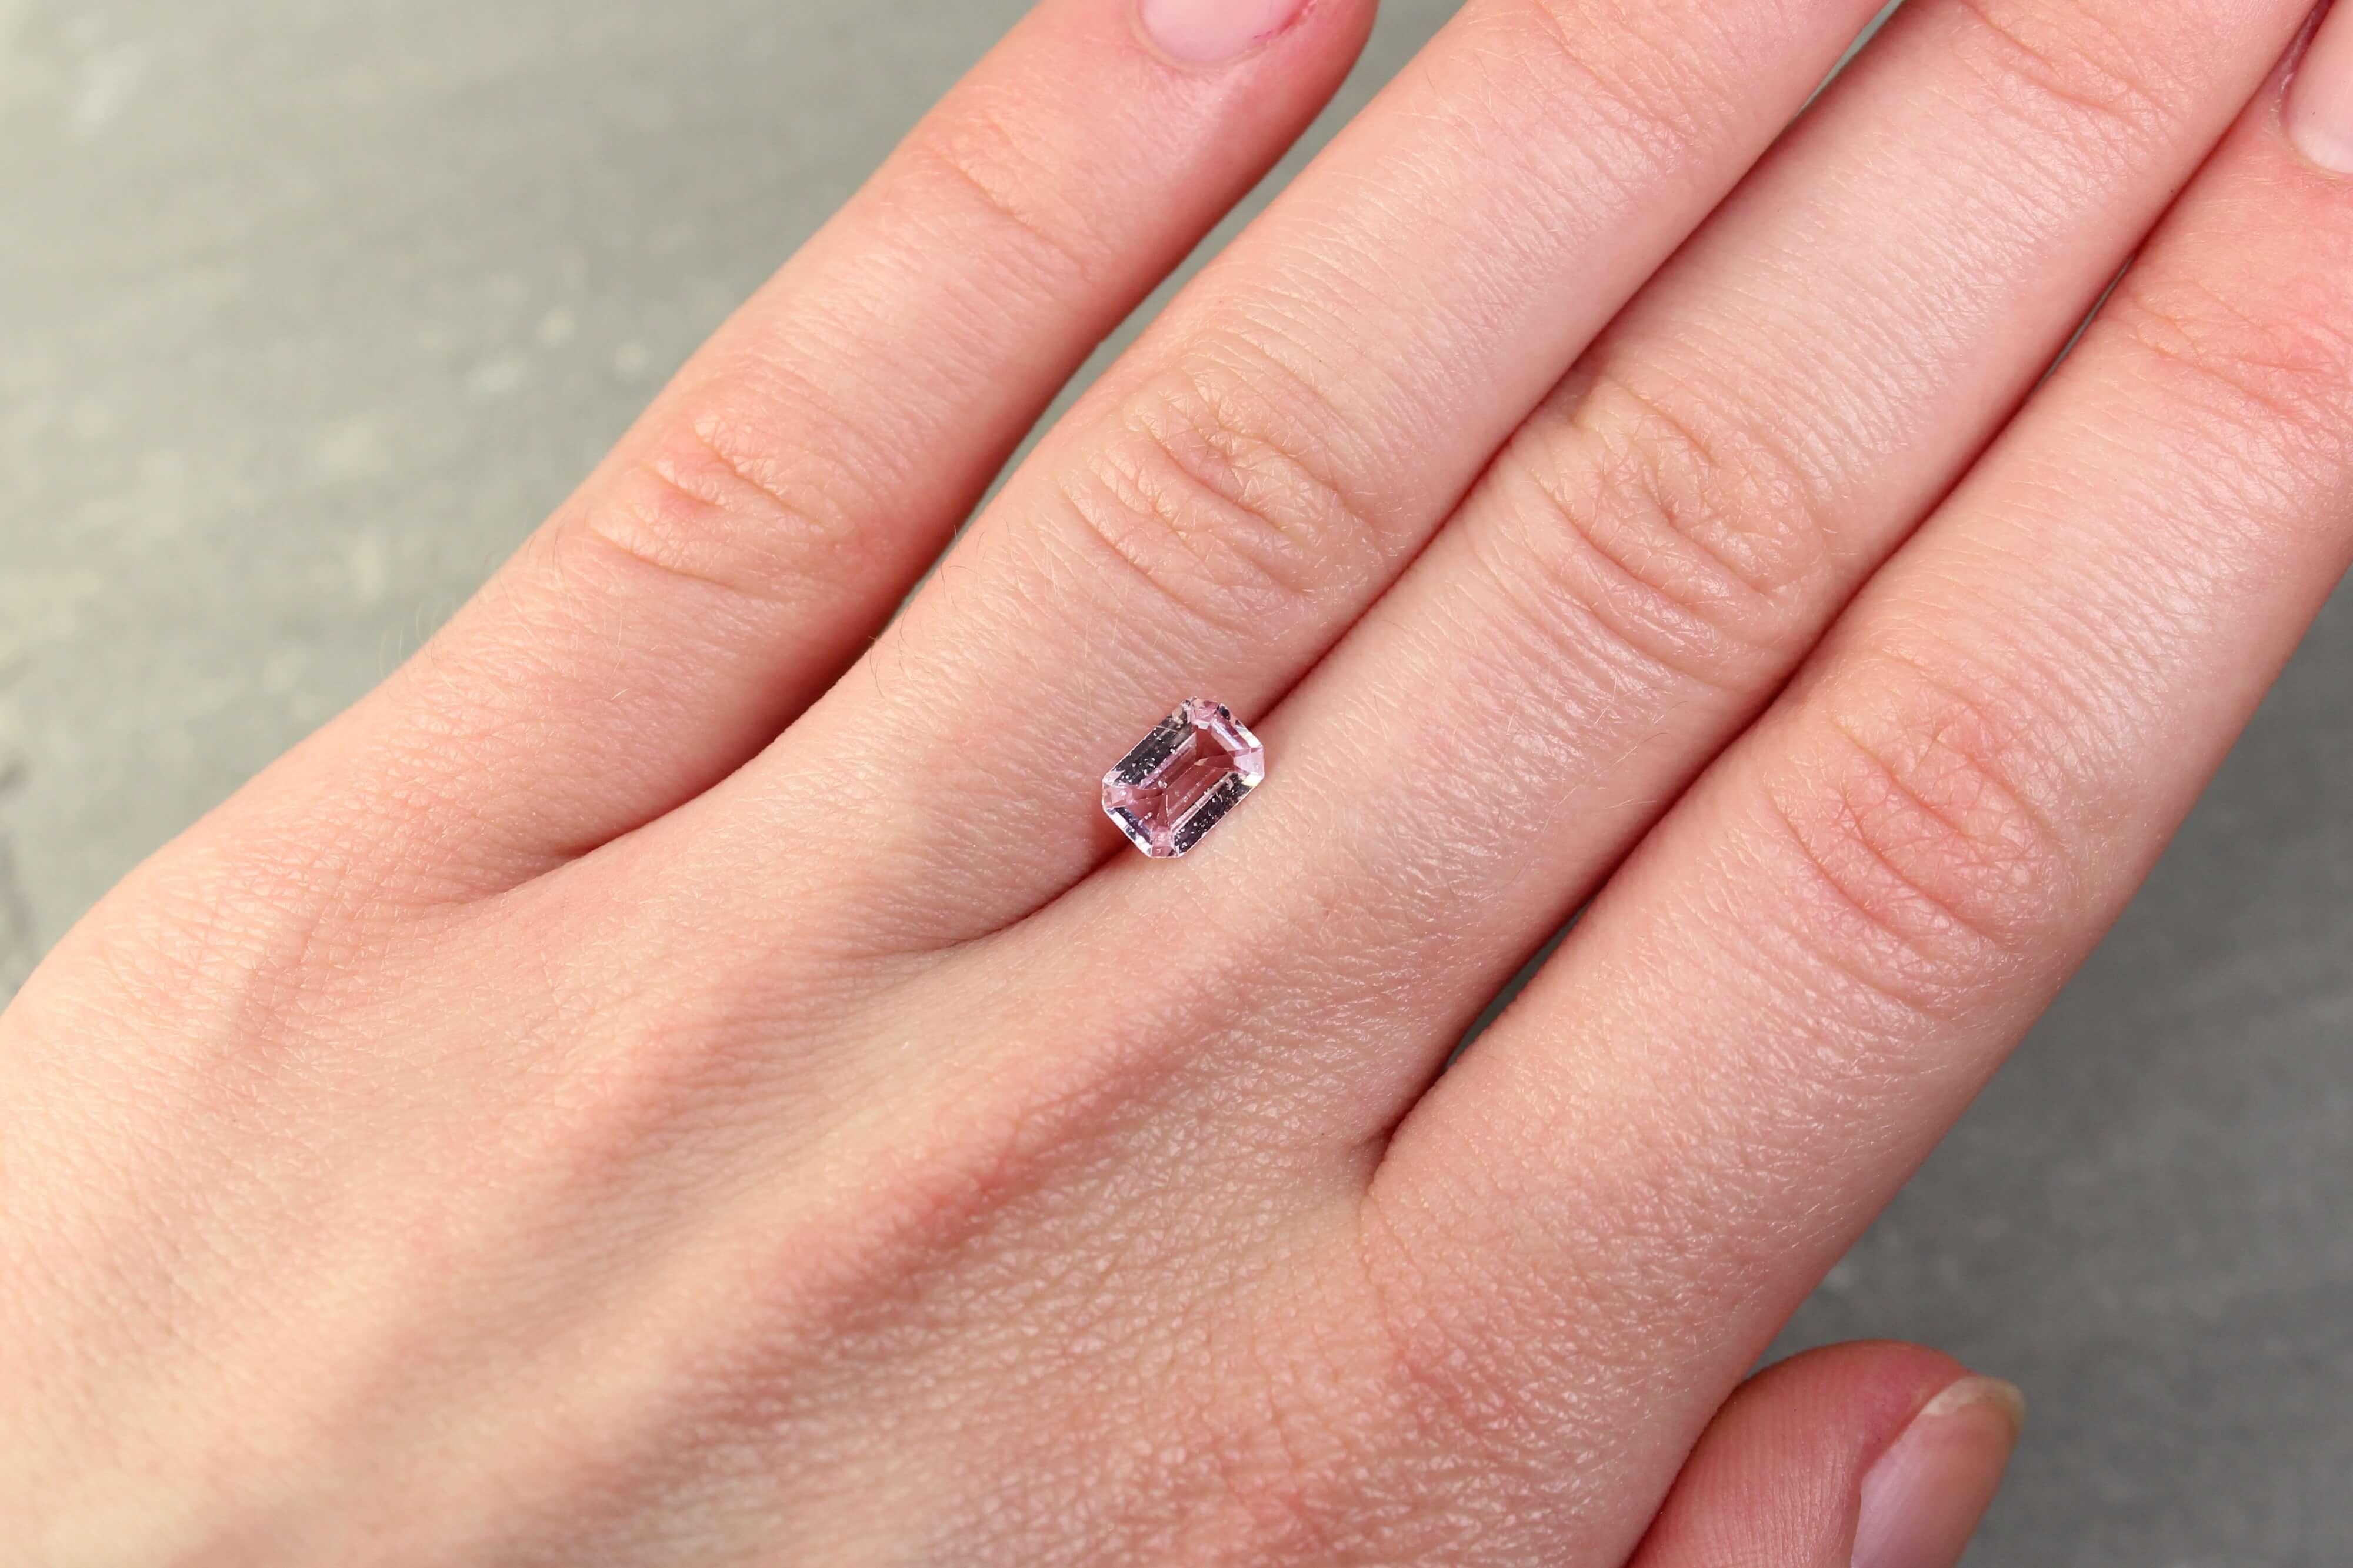 0.79 ct light pink emerald-cut sapphire